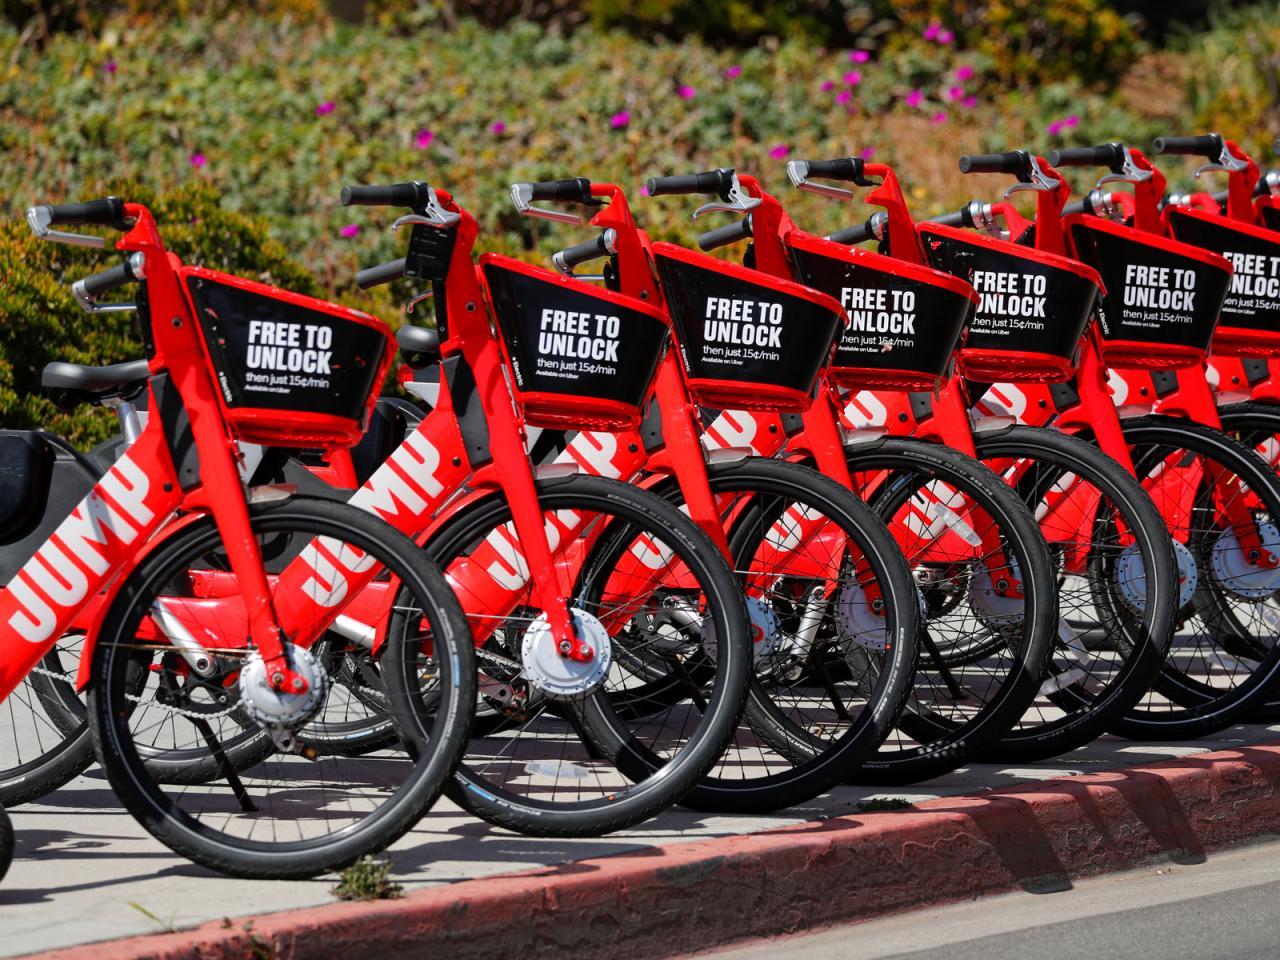 Uber的共享单车在亚特兰大和圣地亚哥遭遇监管问题,将全部回收